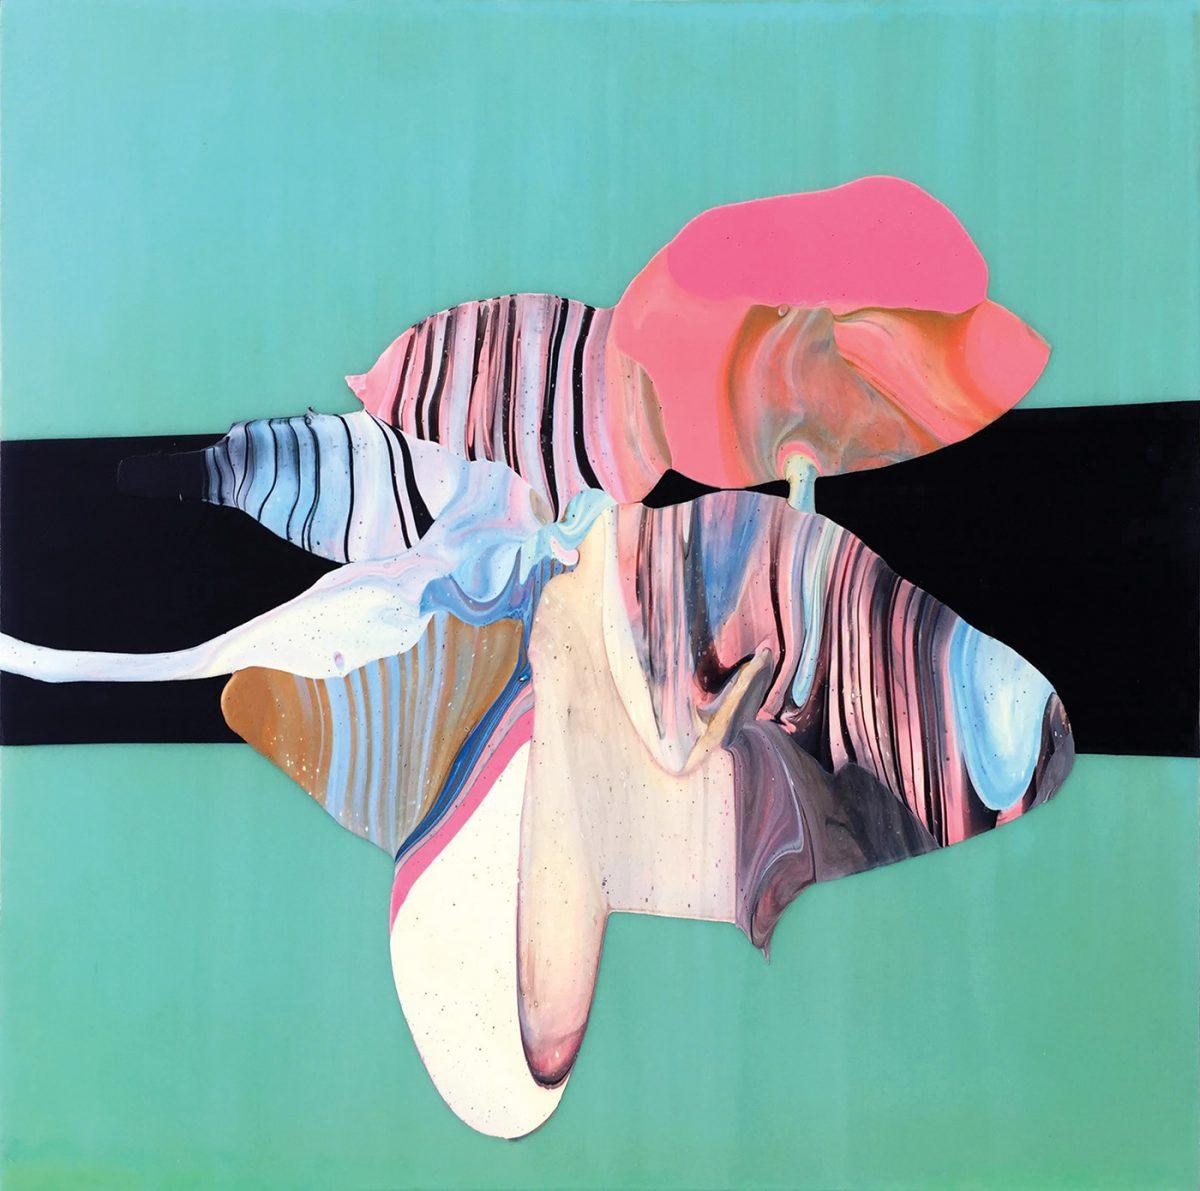 """Marion Lane. Untitled 4, 2015. Acrylic on panel. 24"""" x 24""""Untitled 4, 2015. Courtesy Launch LA."""